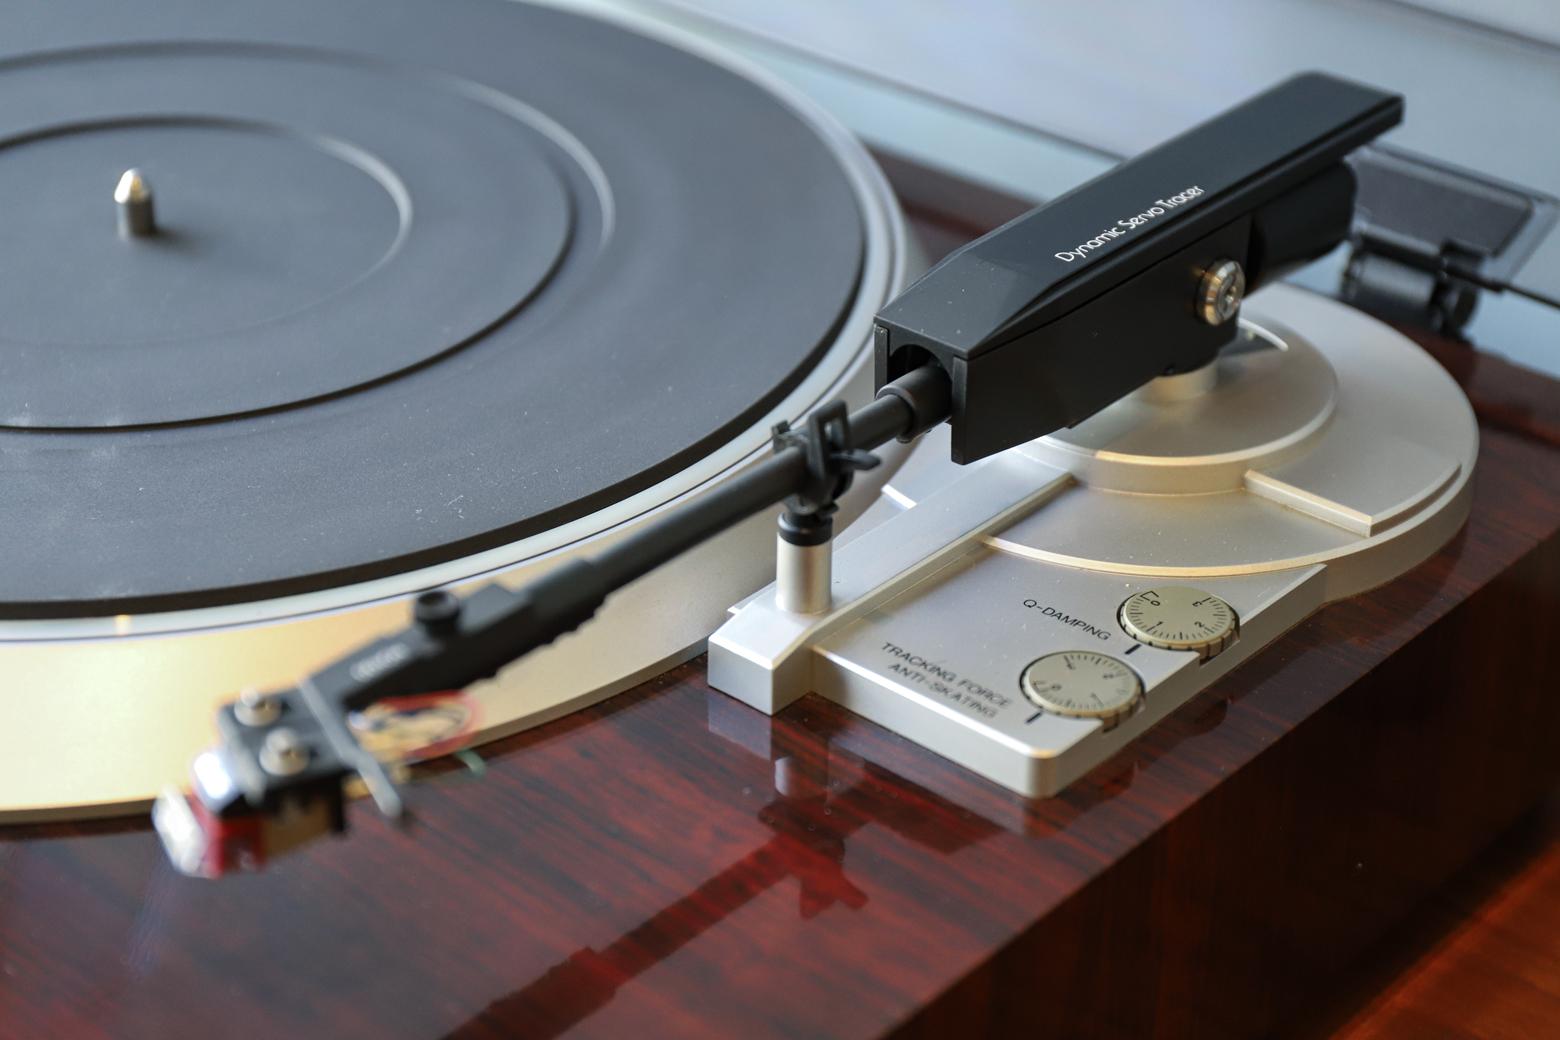 DENON Automatic Turntable DP-37F/デノン レコードプレーヤー オートマチック ターンテーブル